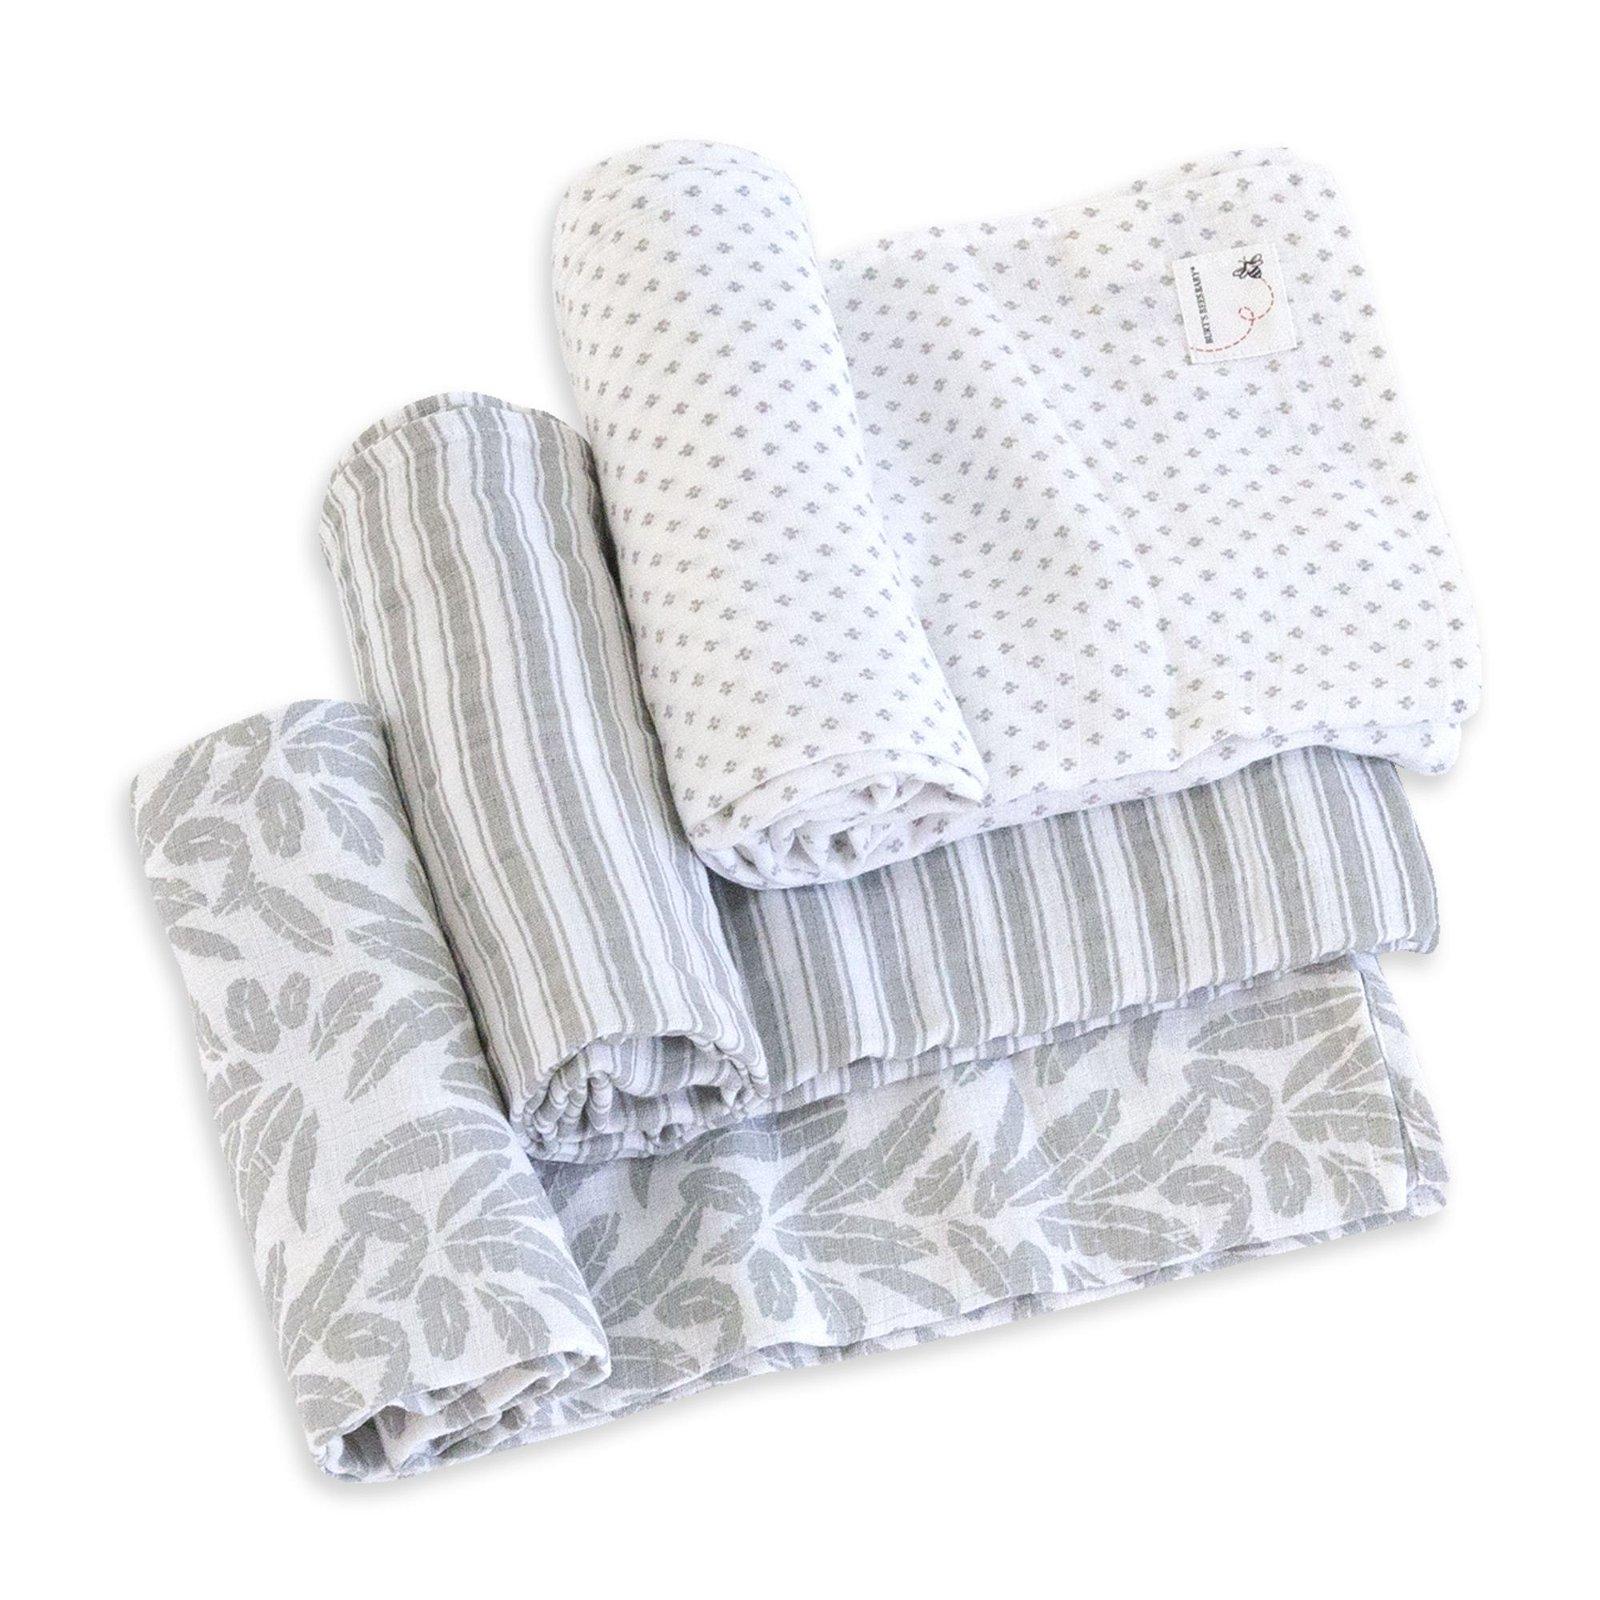 Dottie Bee Organic Muslin Swaddle Blankets 3 Pack